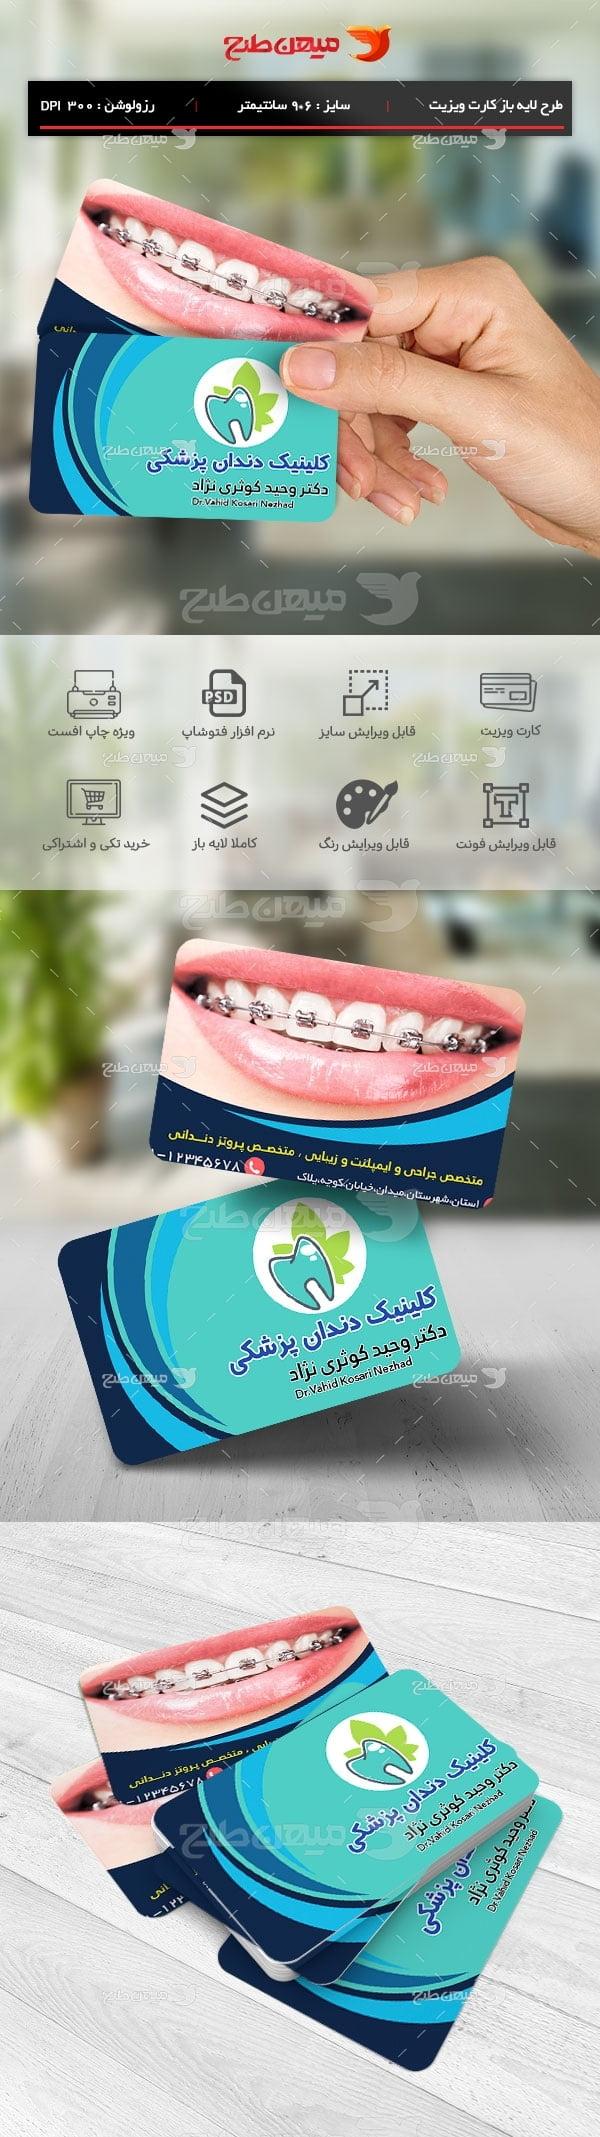 طرح لایه باز کار ویزیت دندانپزشکی